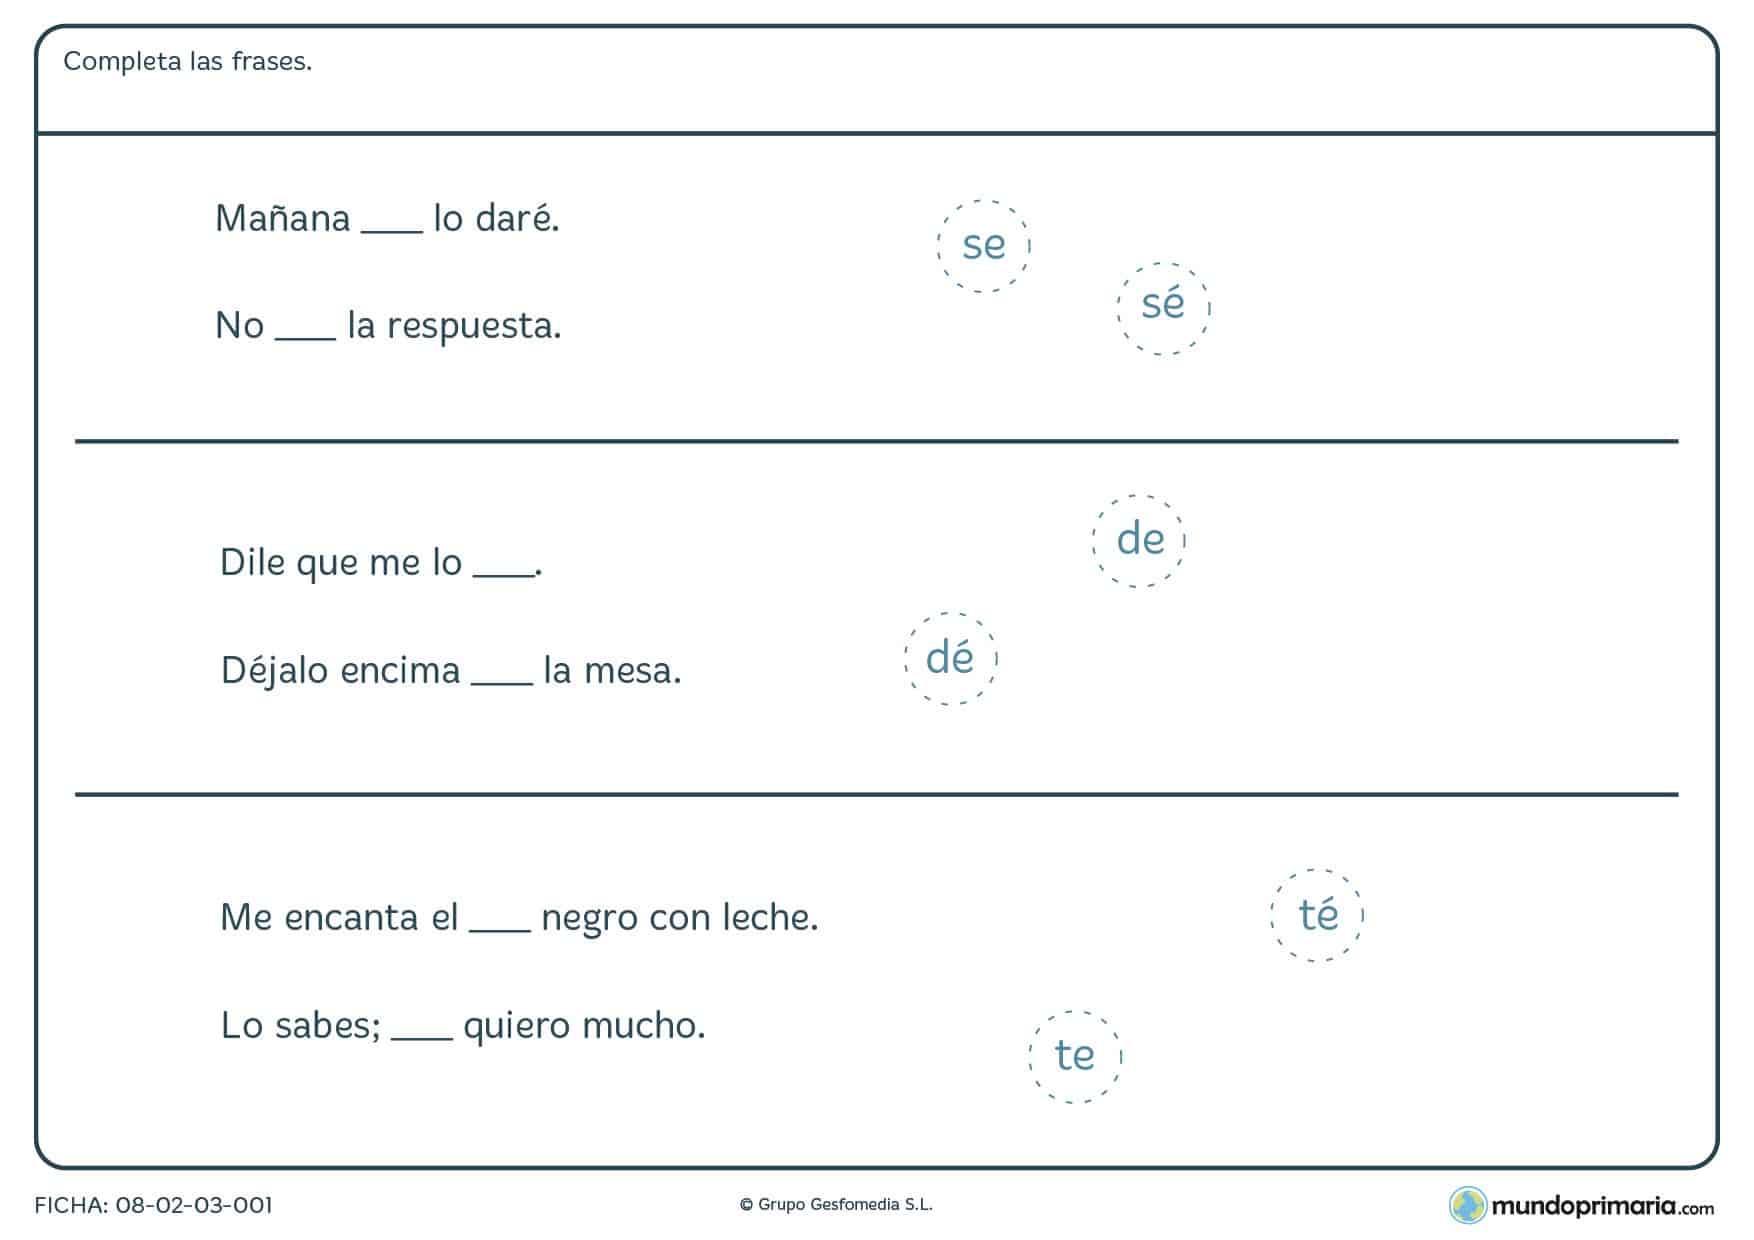 Ficha con SE, DE y TE en la que deberas diferenciar claramento cuando se tildan y cuando no.